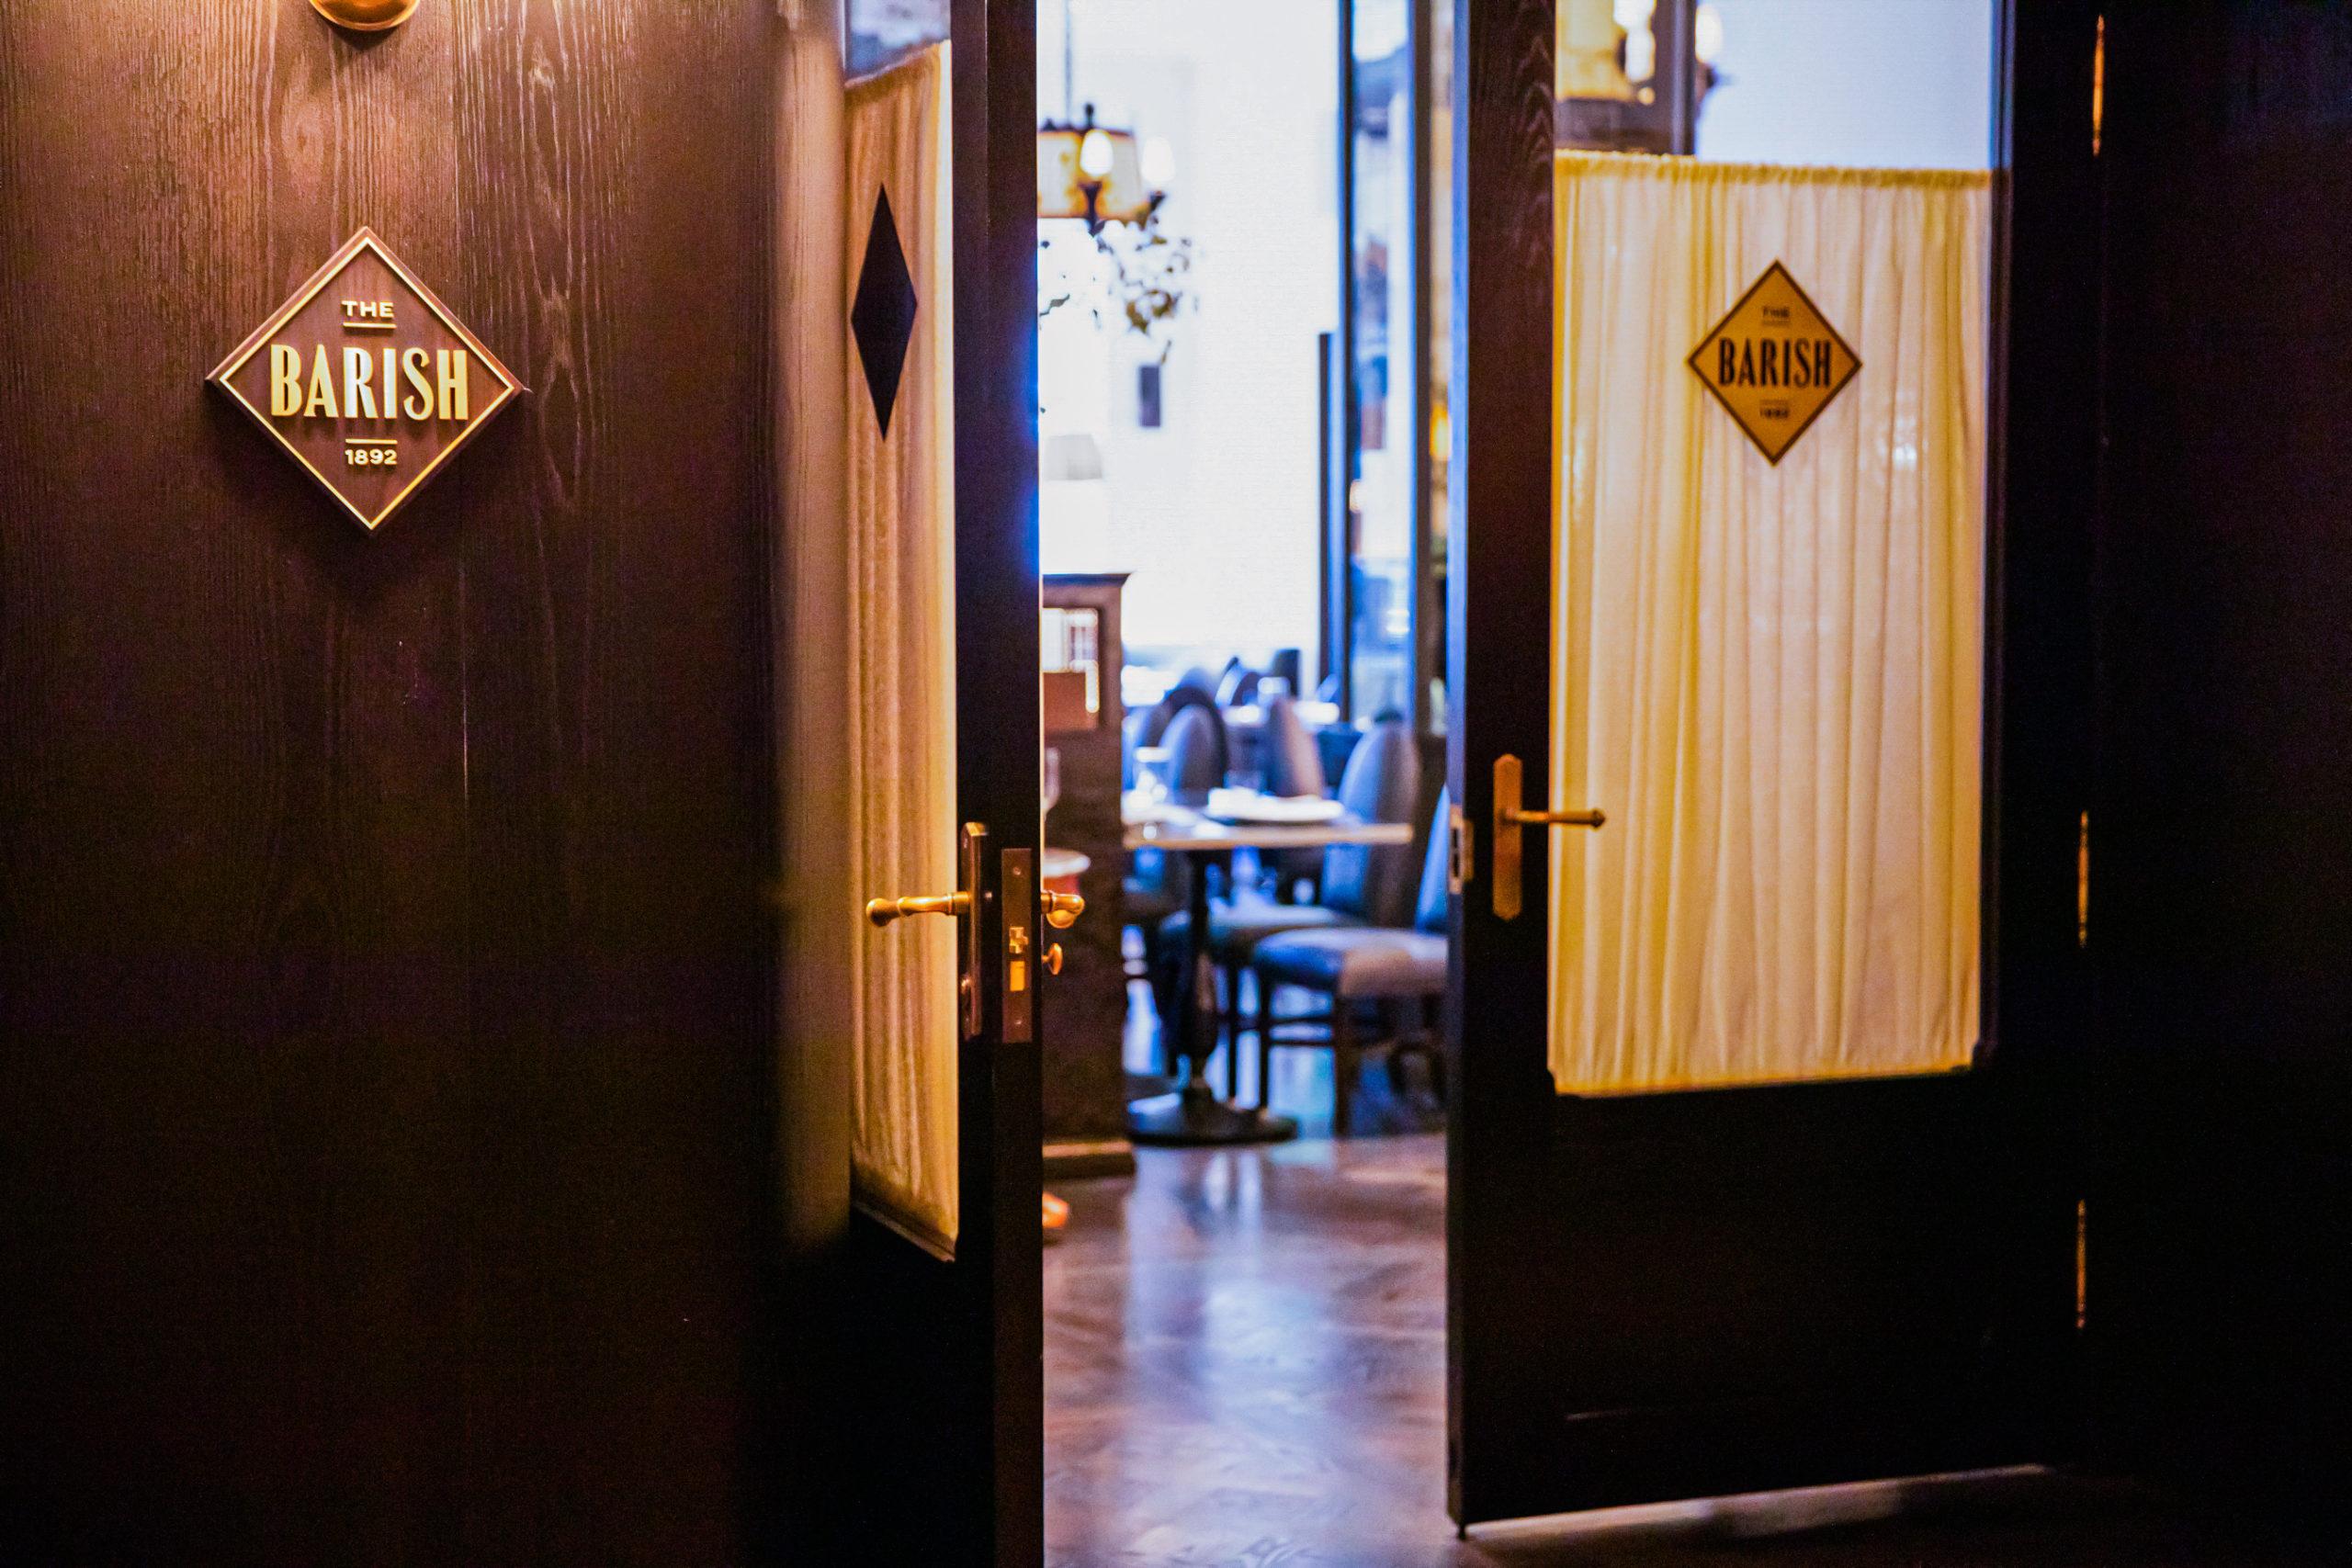 The Barish restaurant branding by Memo